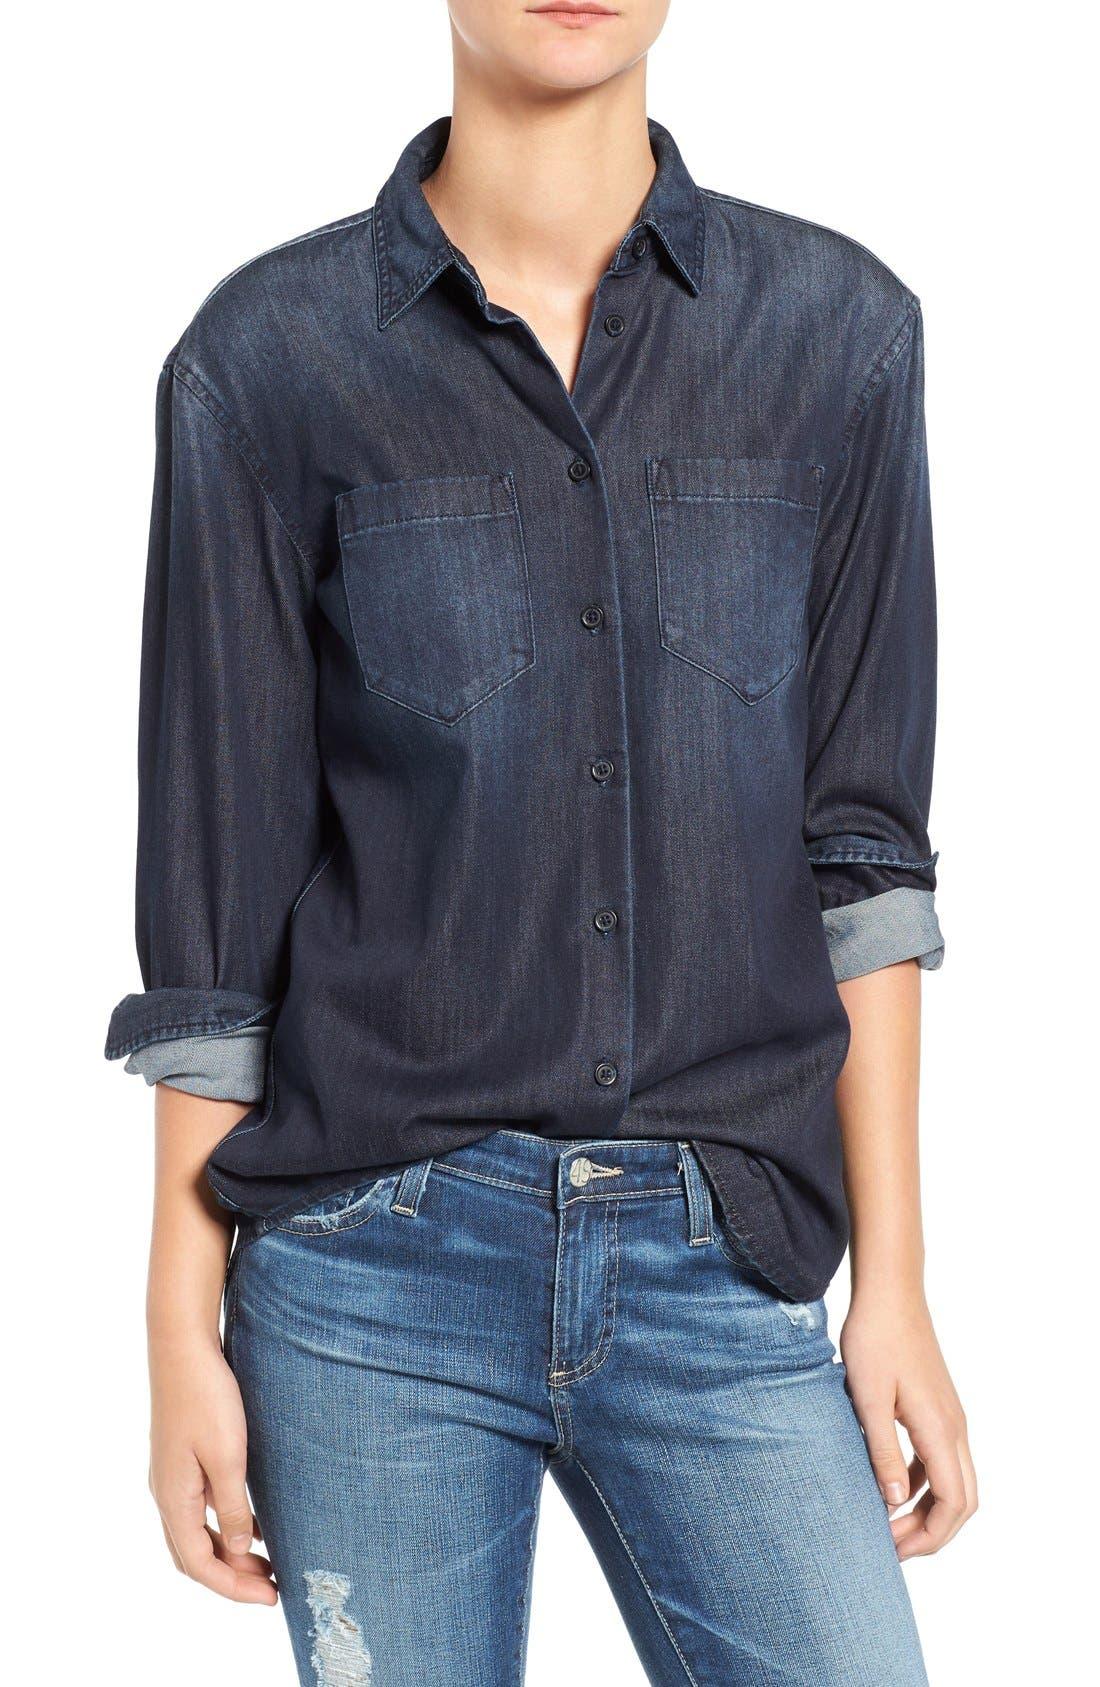 Hartley Chambray Shirt,                         Main,                         color, 458